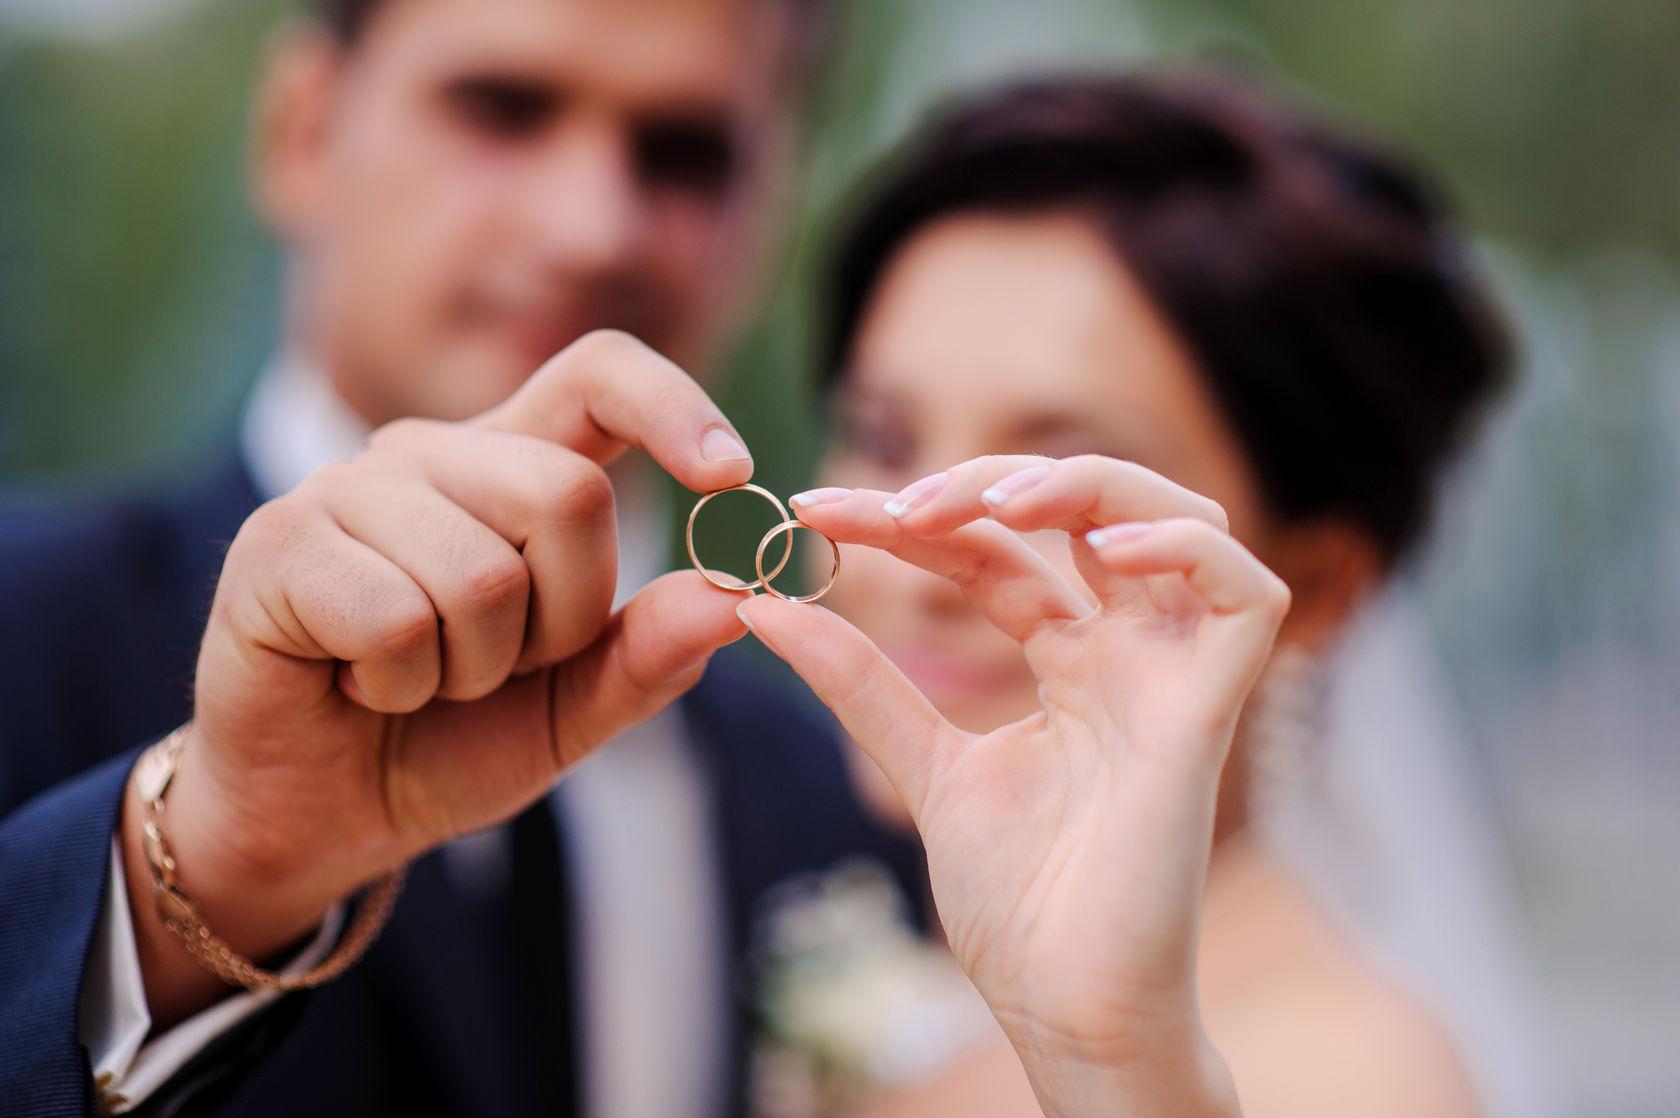 Auf welcher Hand soll der Ehering getragen werden